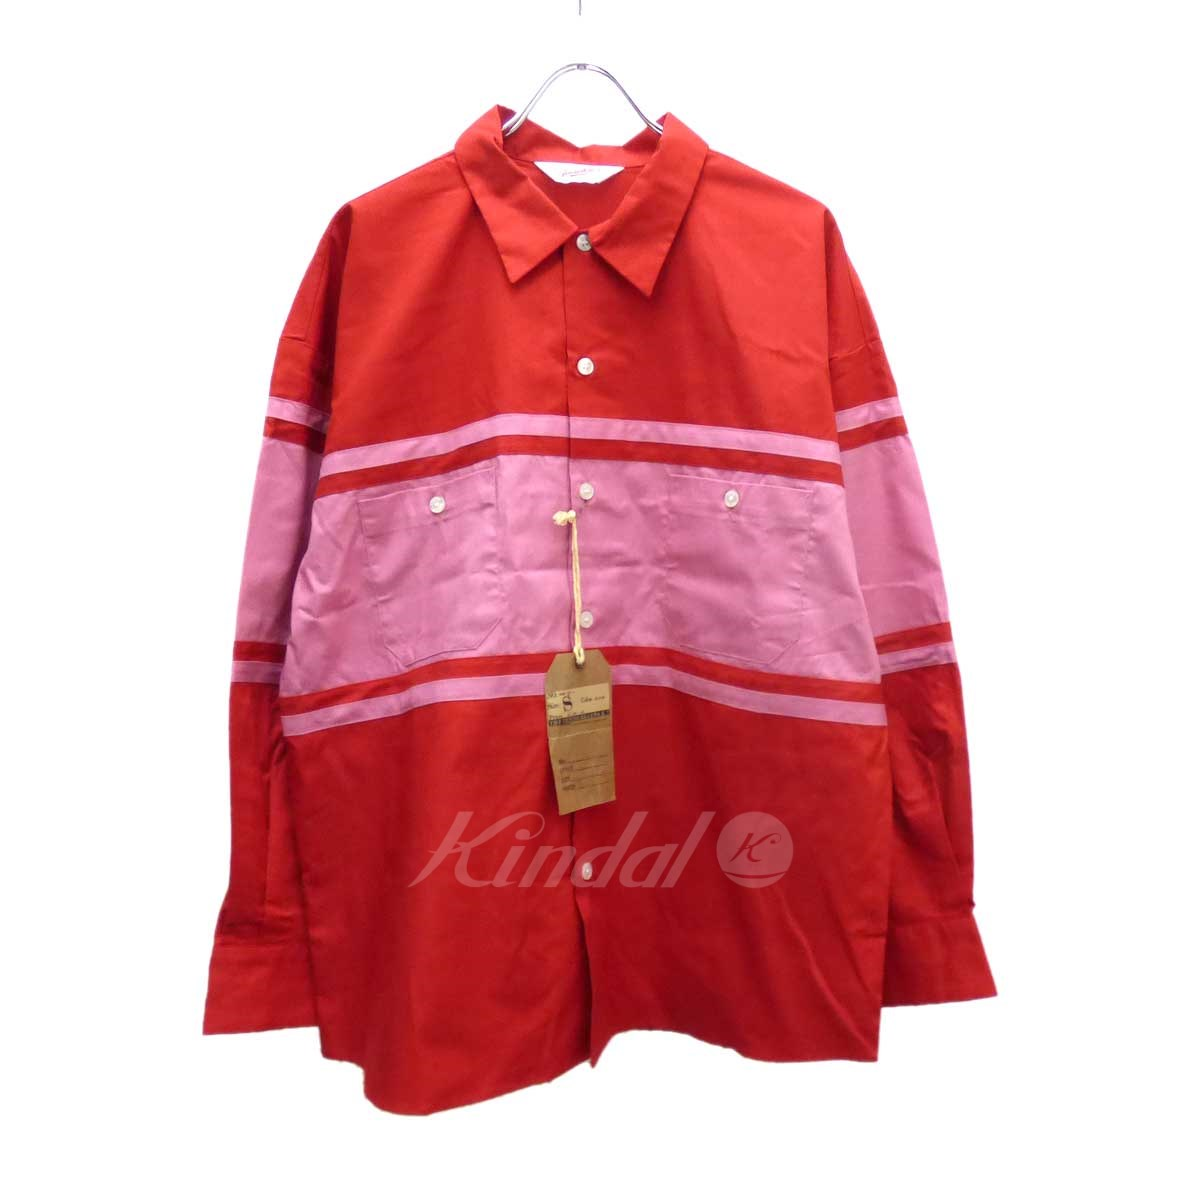 【中古】TENDERLOIN WORK SHT U ワークシャツ レッド サイズ:S 【送料無料】 【040419】(テンダーロイン)